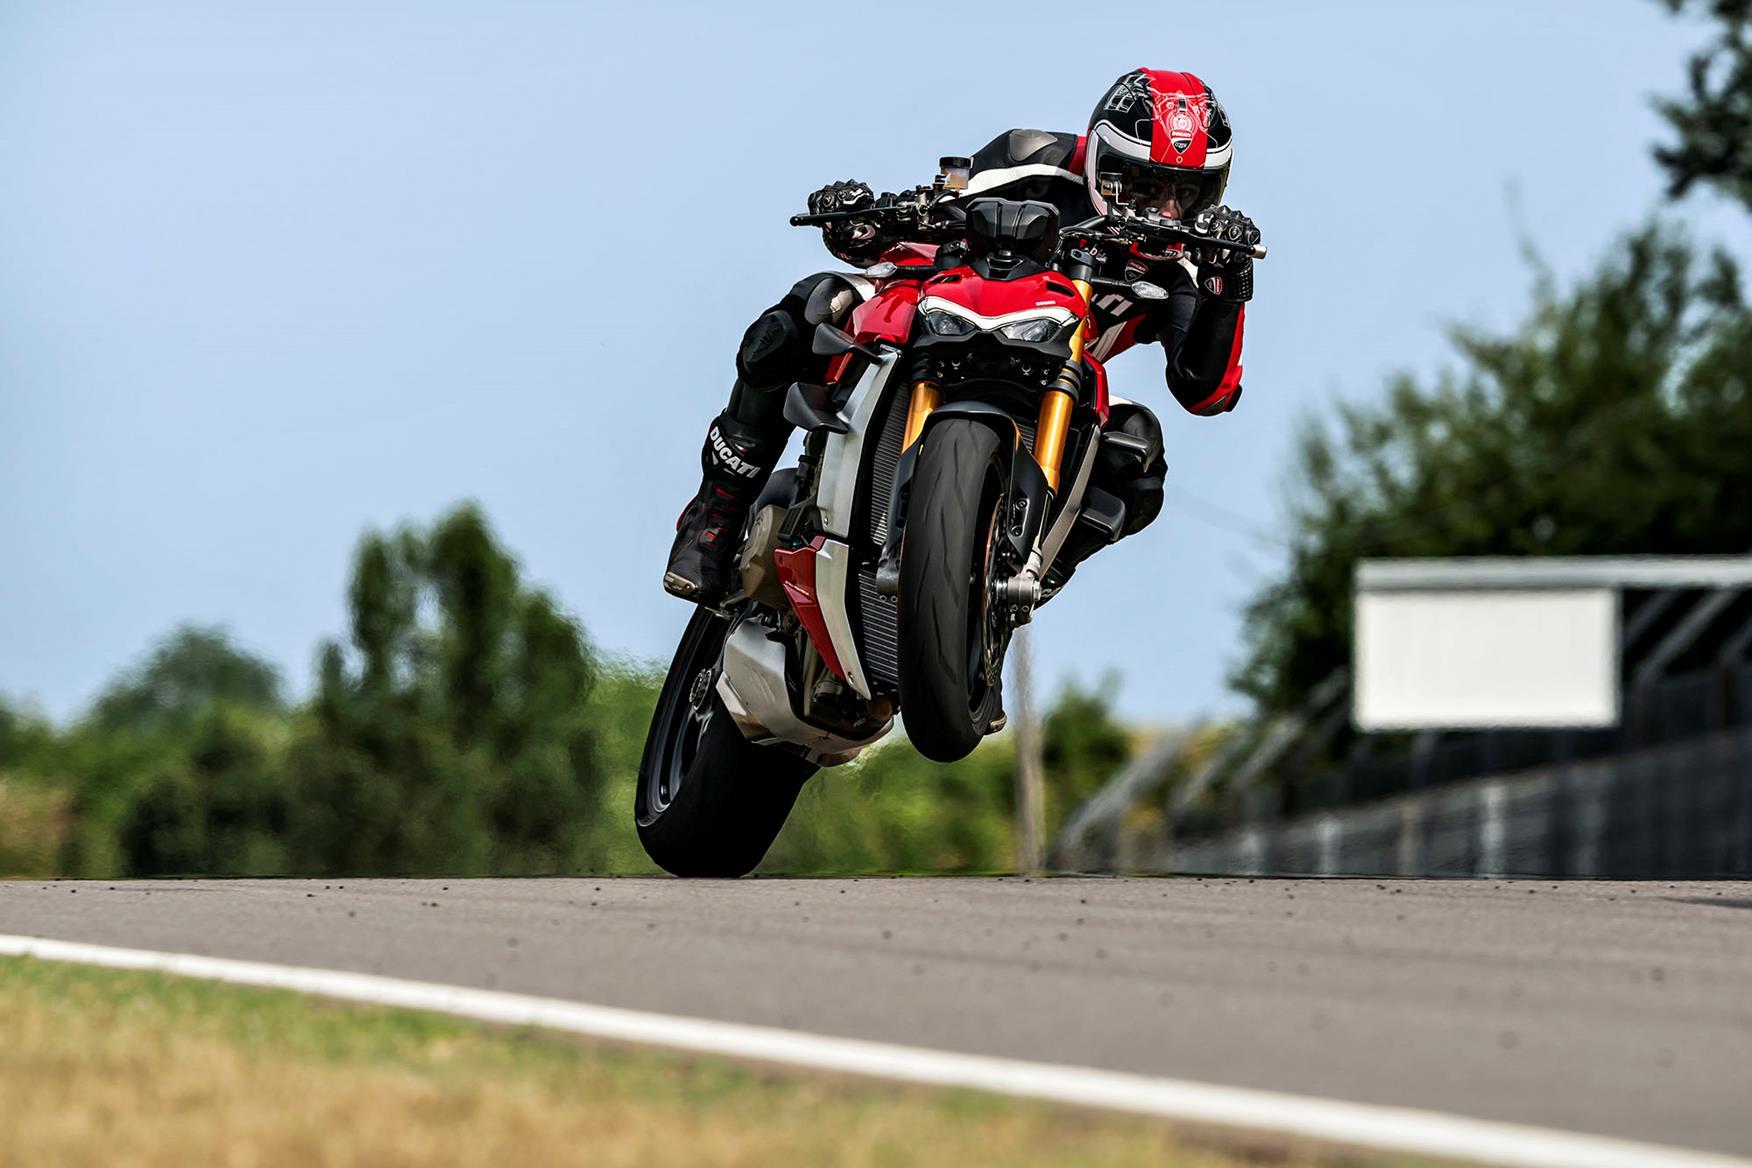 The 2020 Ducati Streetfighter V4